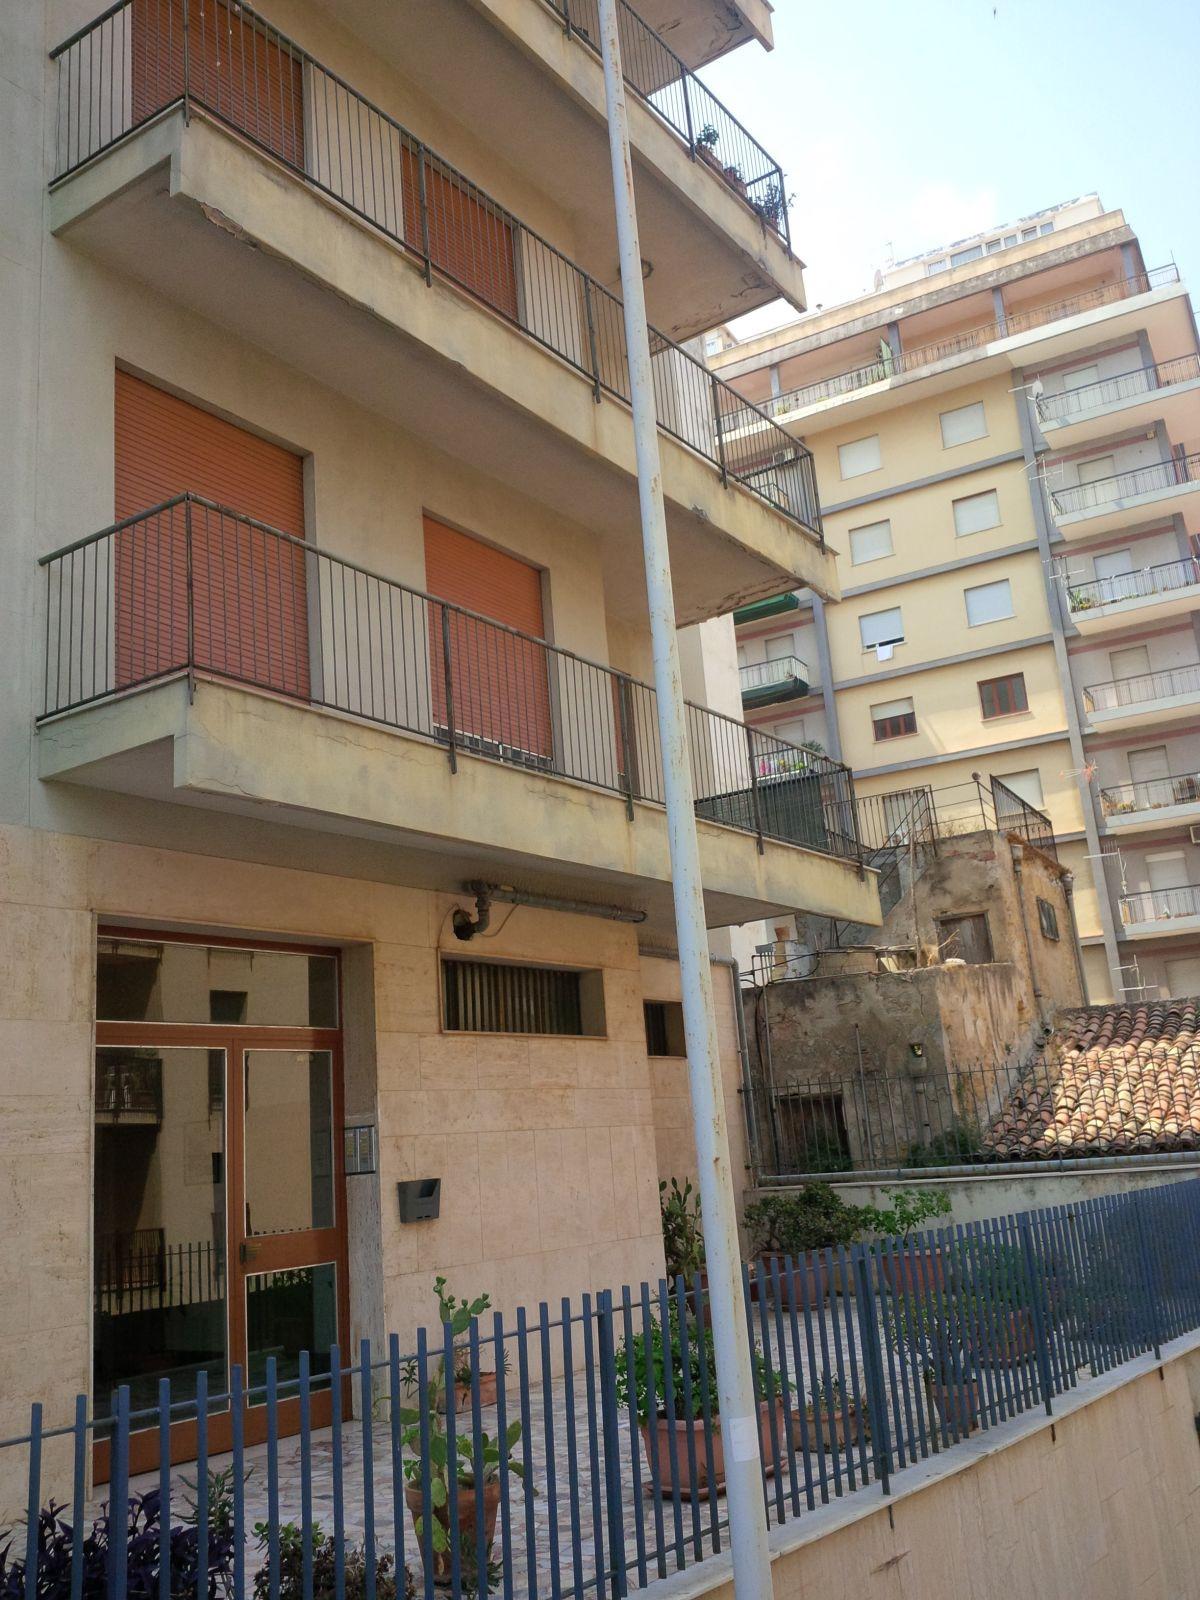 Appartamento in vendita a Termini Imerese, 6 locali, prezzo € 130.000 | CambioCasa.it